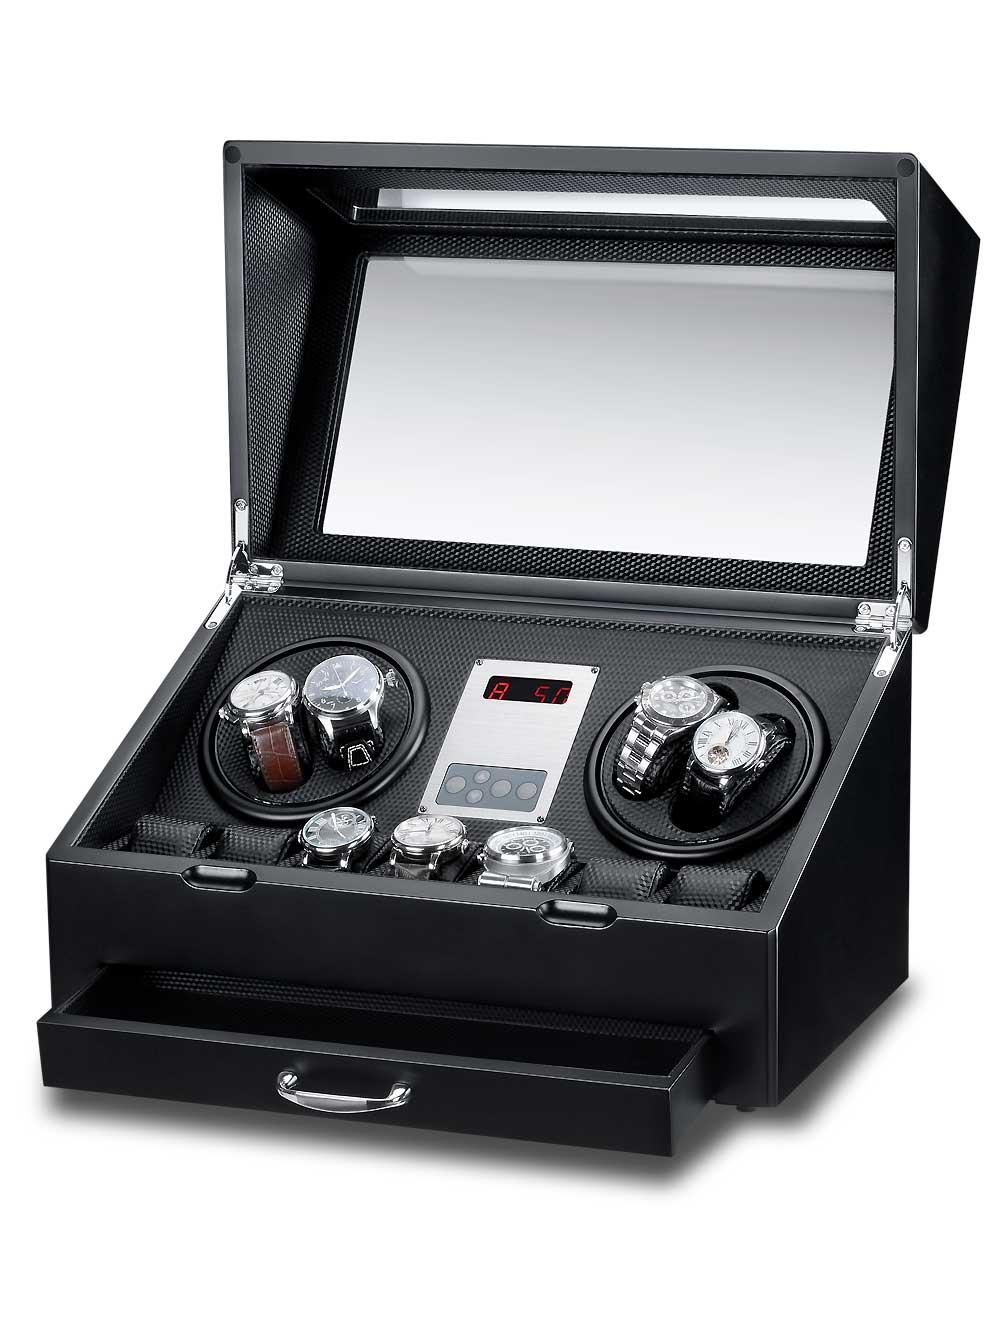 Rothenschild Uhrenbeweger [4+7+X] Panama RS-2312-BK | Uhren > Uhrenbeweger | Rothenschild